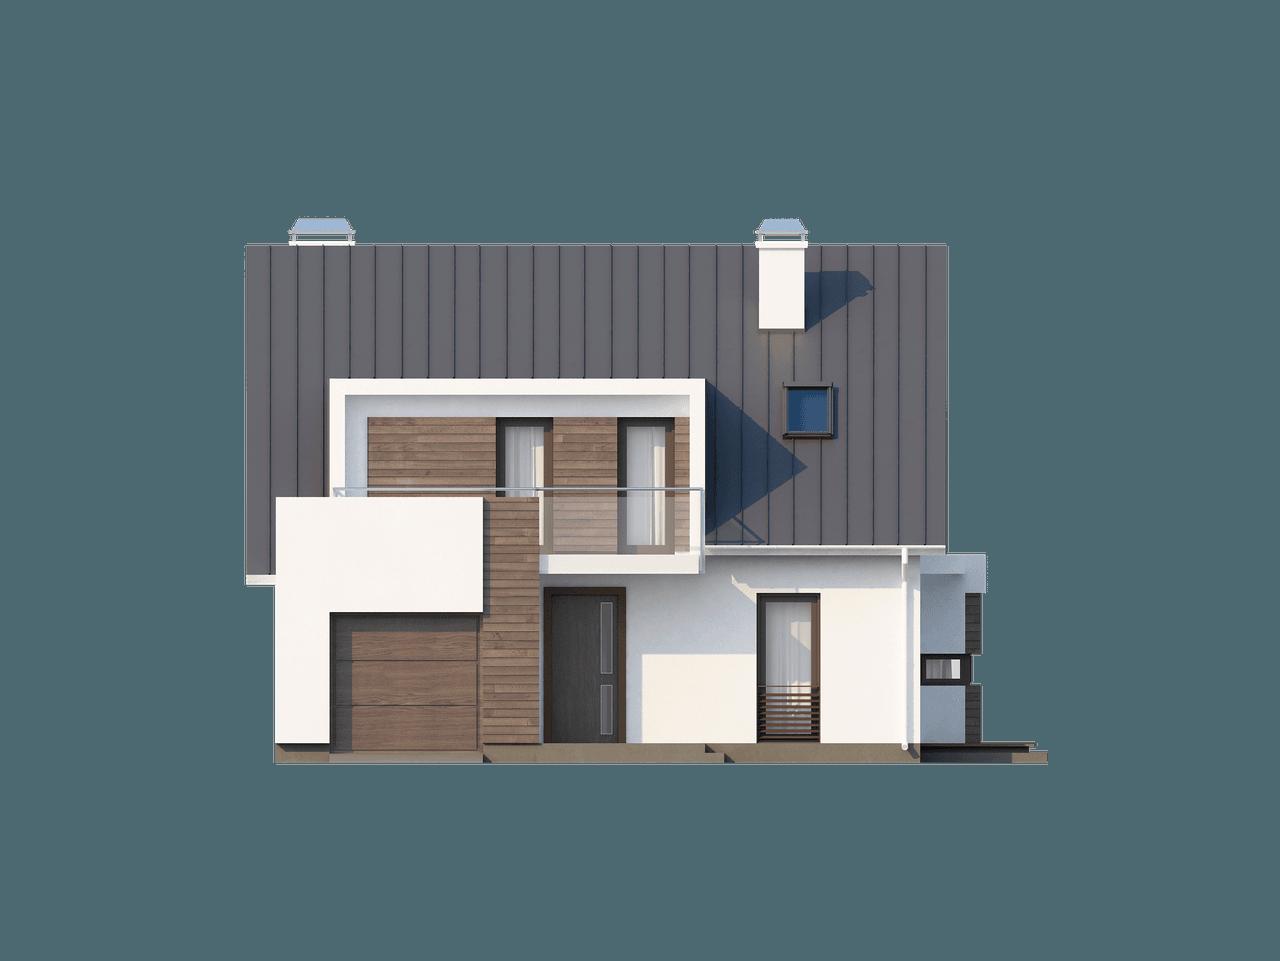 Gotowy projekt domu Z116 - Współczesny dom z poddaszem, wykuszem, lukarną i garażem od frontu.